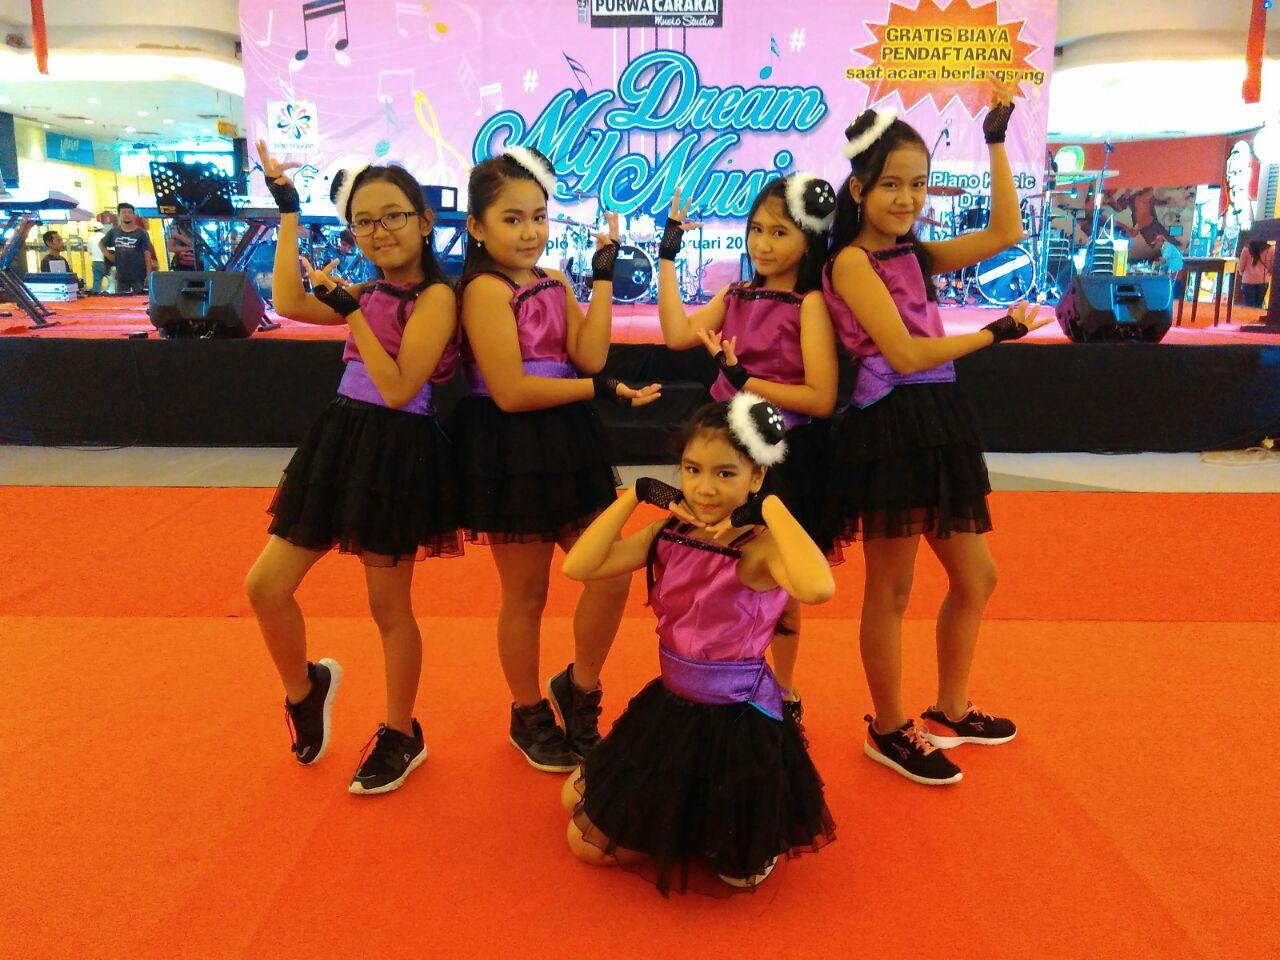 SD Kristen Kalam Kudus Surakarta Ikuti Acara My Dream My Music